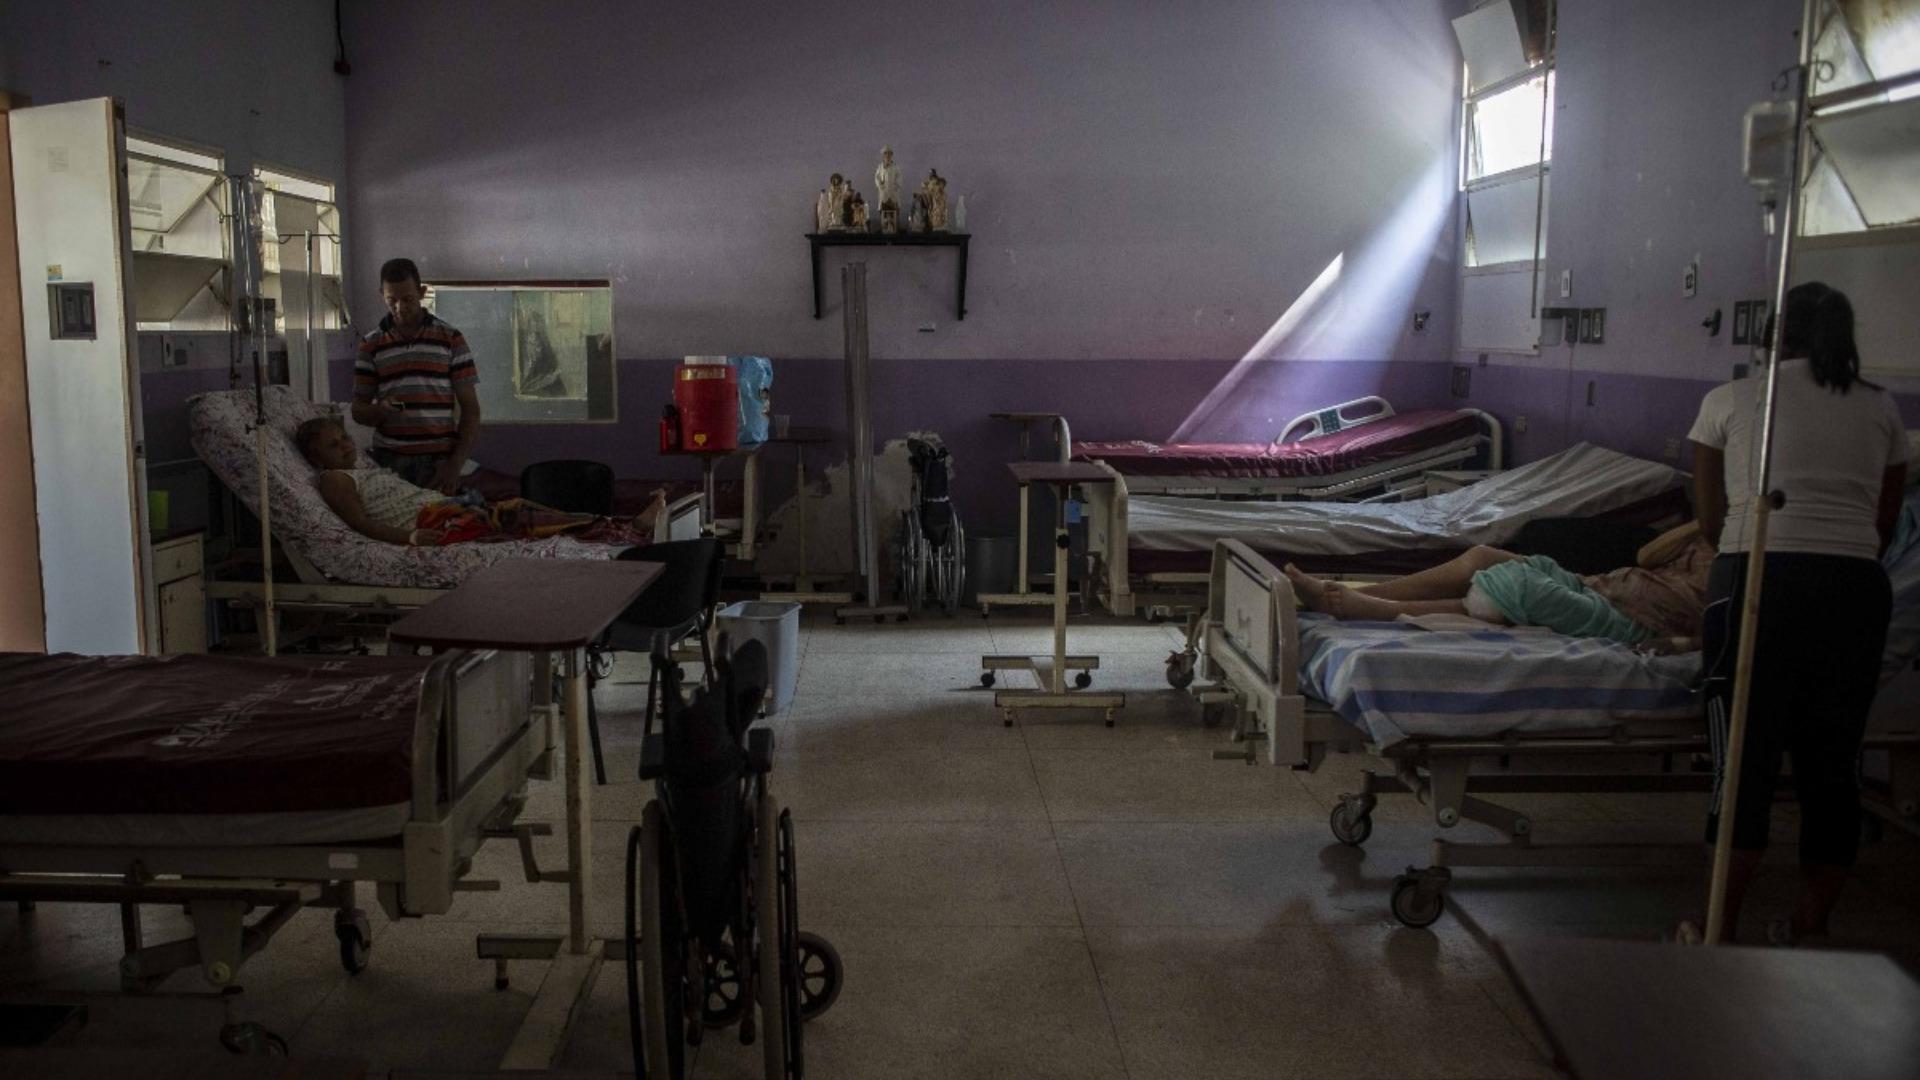 Señalan a la corrupción e ineficiencia como causas de la crisis del sistema de salud